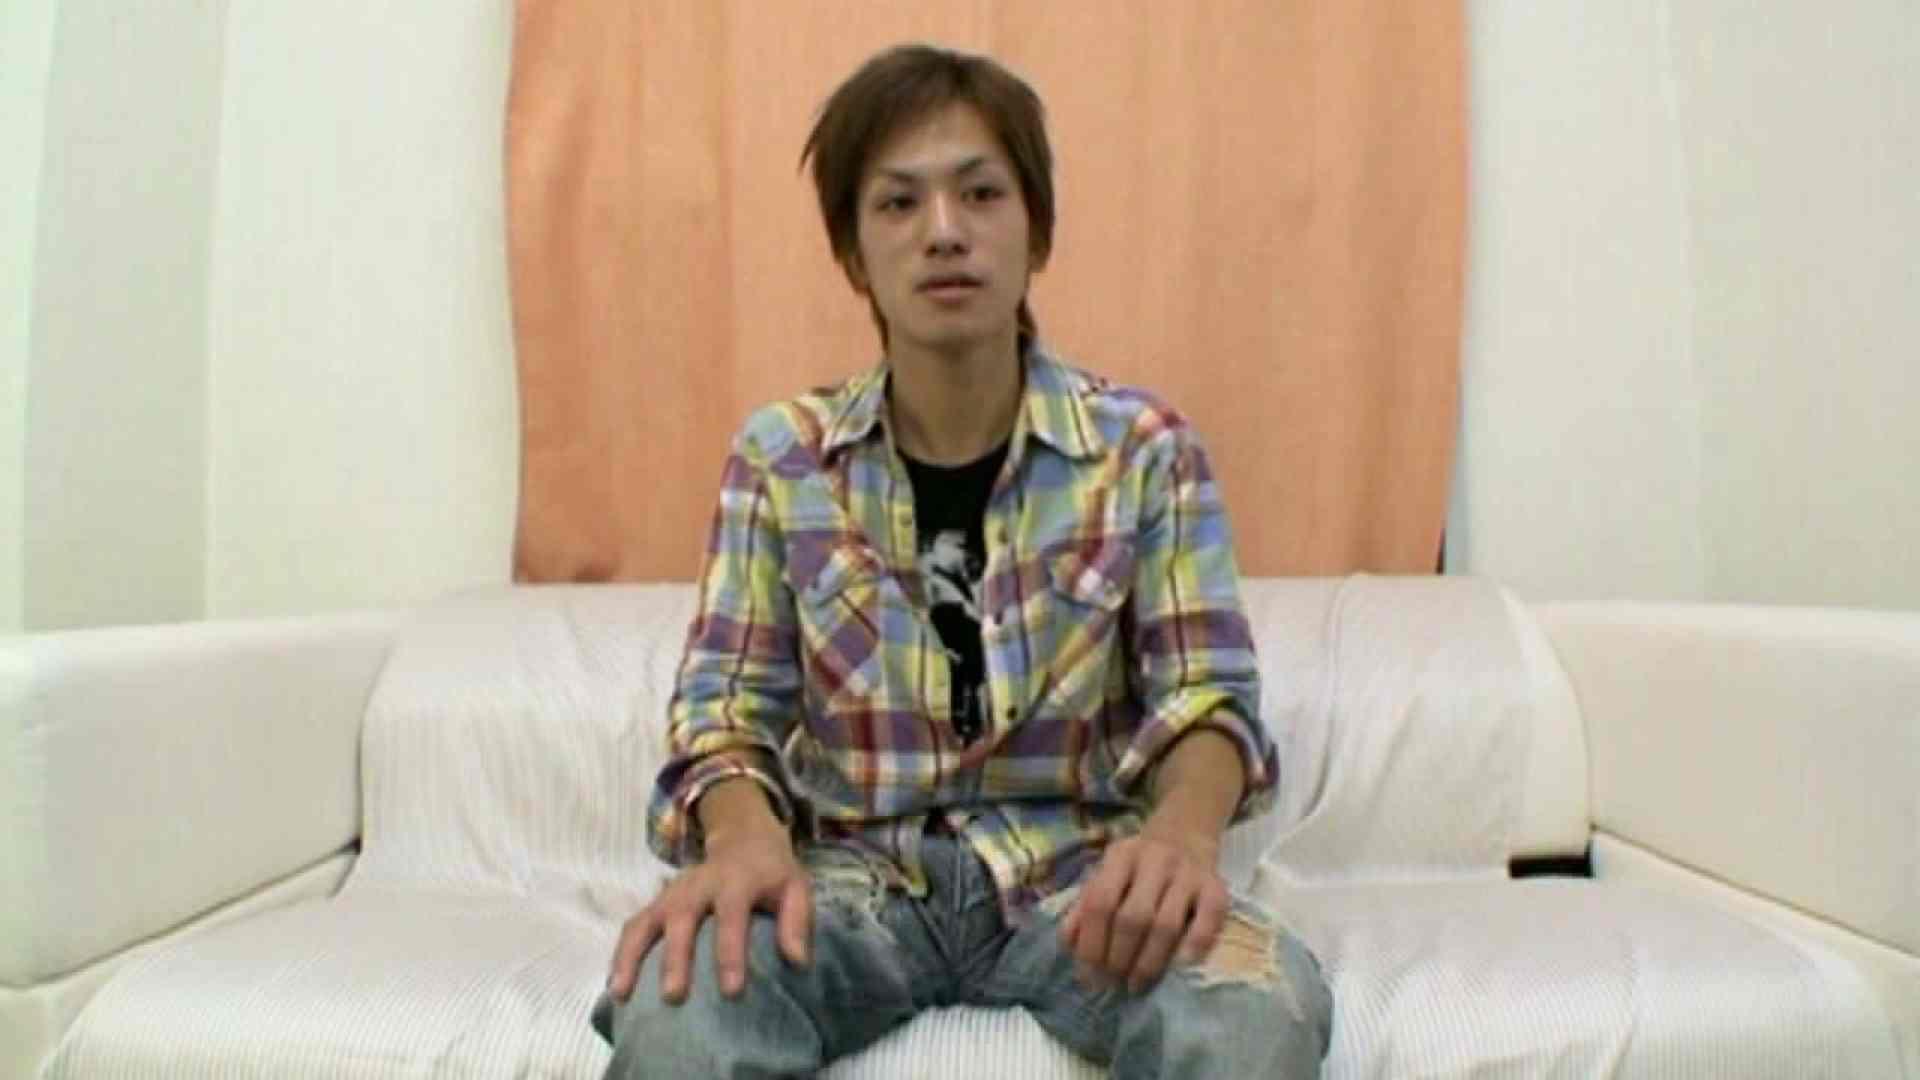 ノンケ!自慰スタジオ No.03 ノンケ一筋 ゲイ無修正動画画像 58pic 5